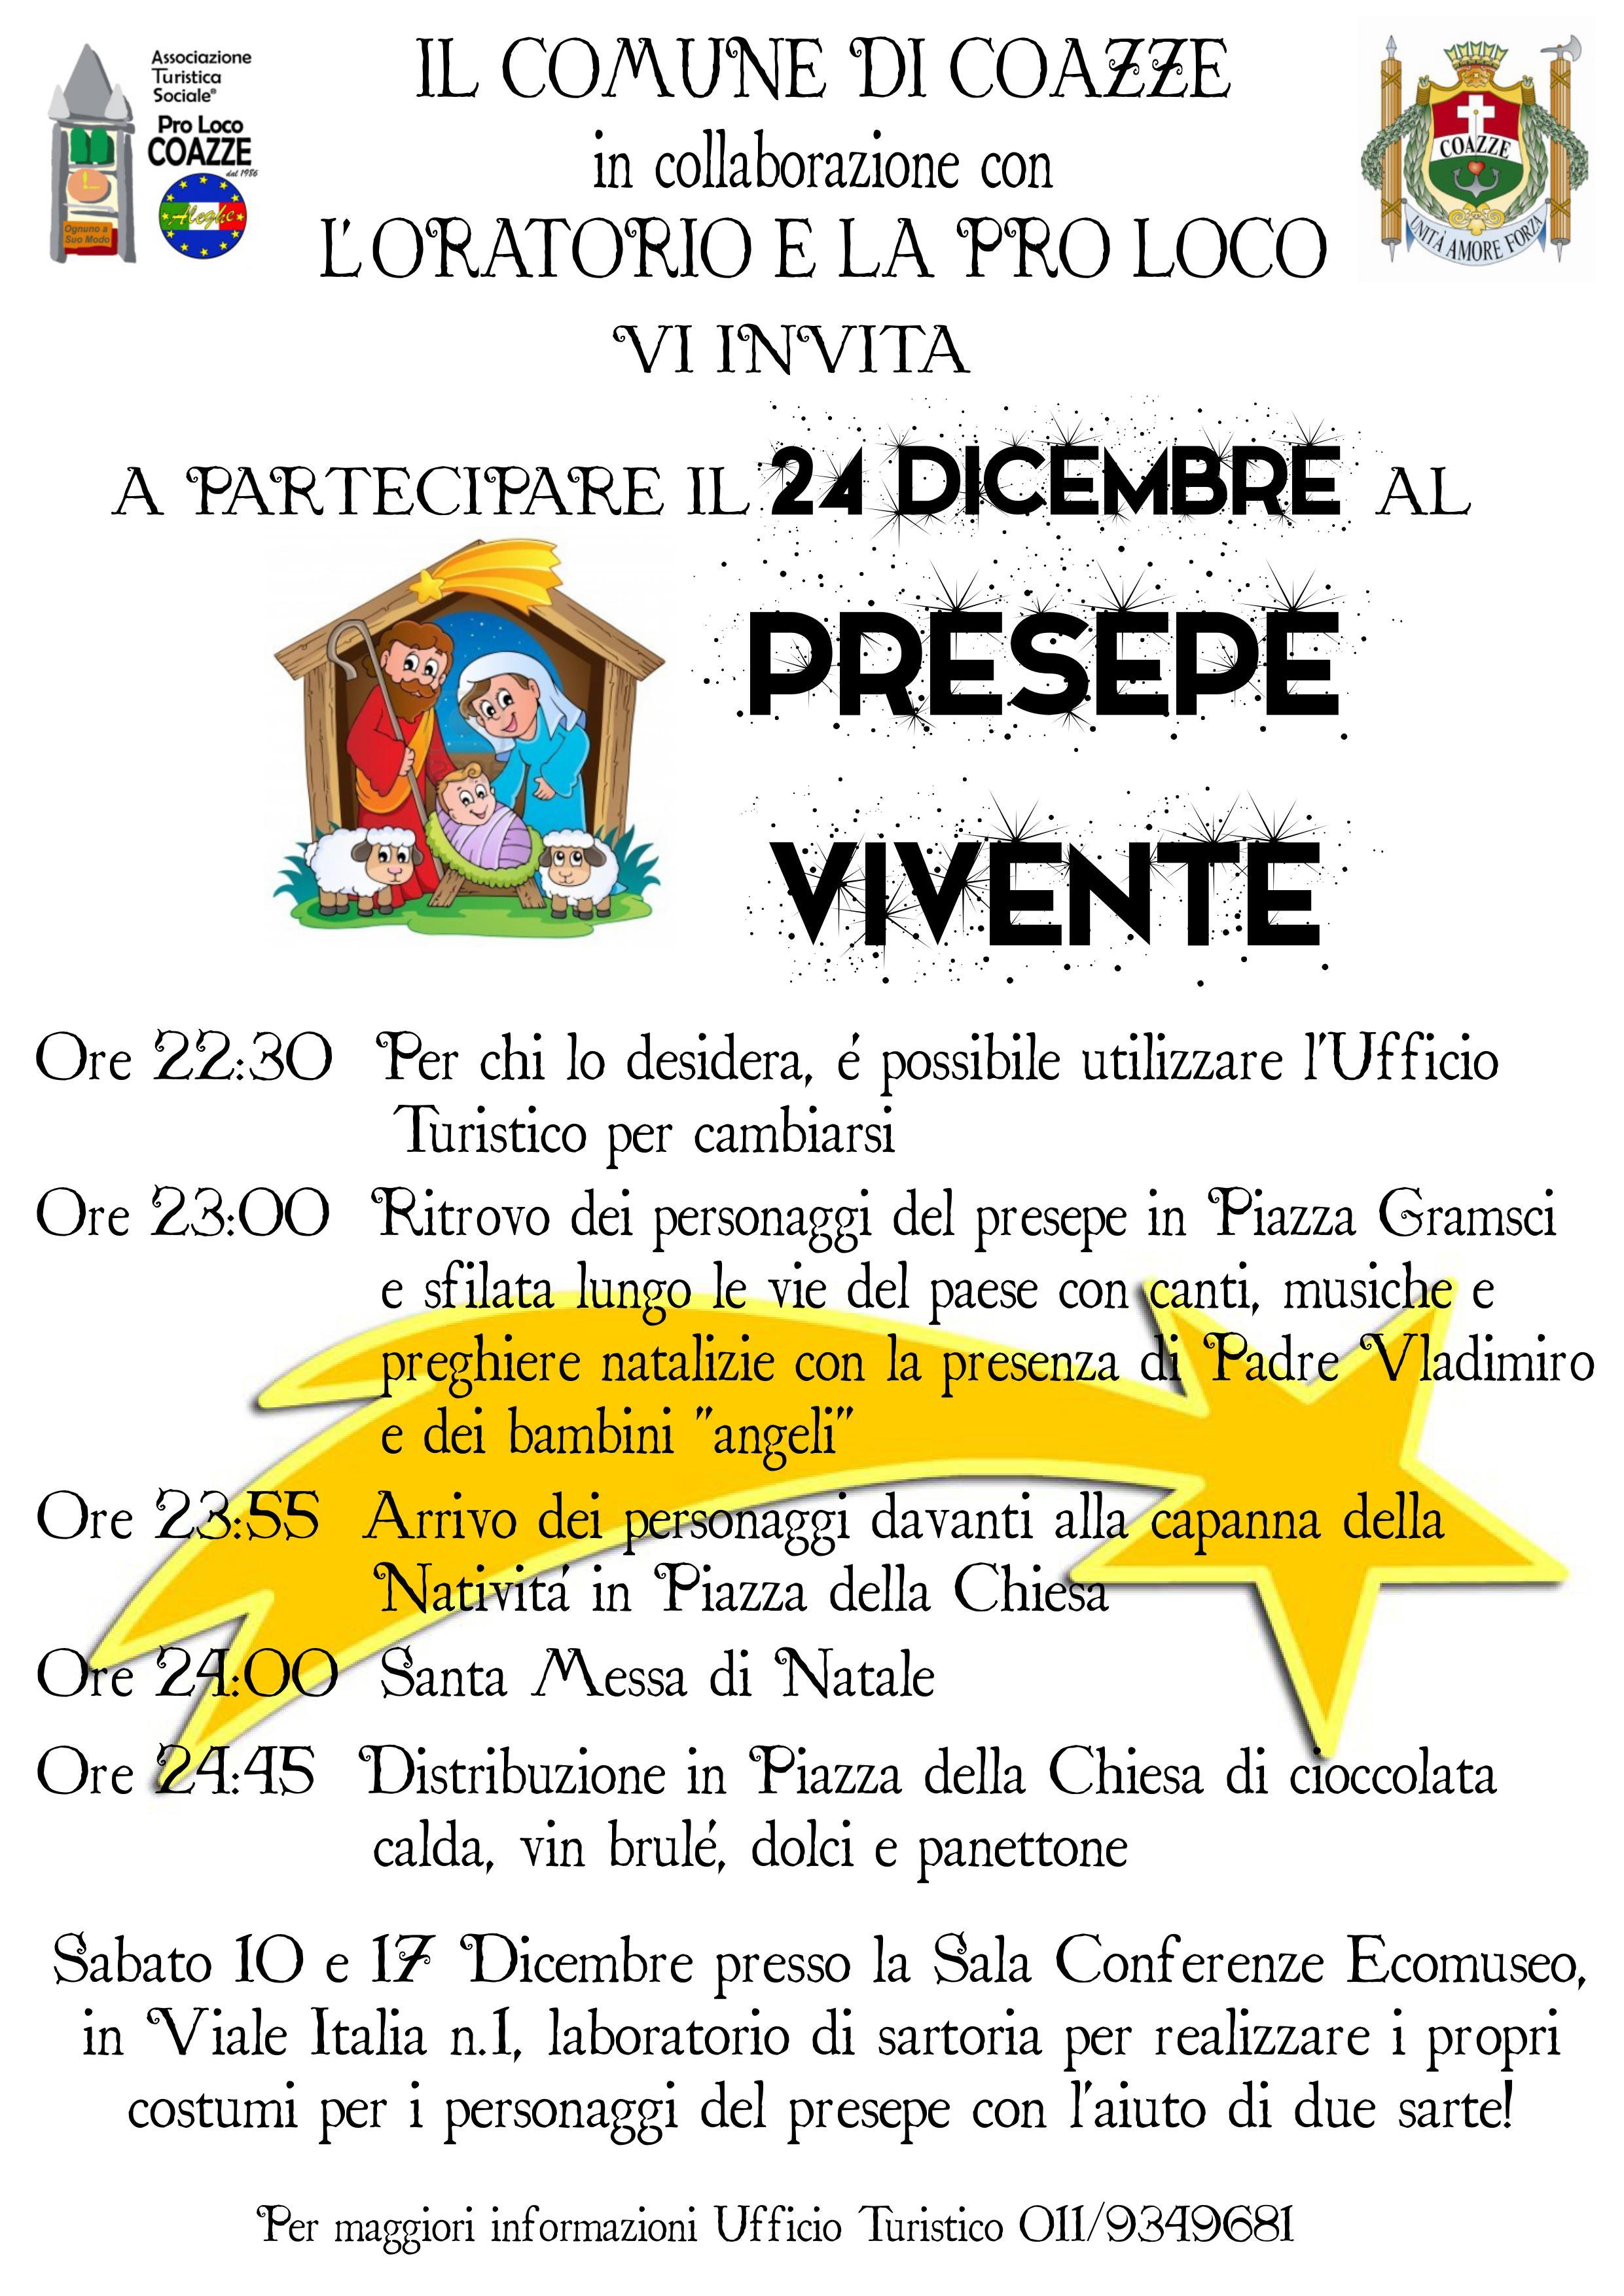 Presepe Vivente – 24 dicembre 2016 – Coazze